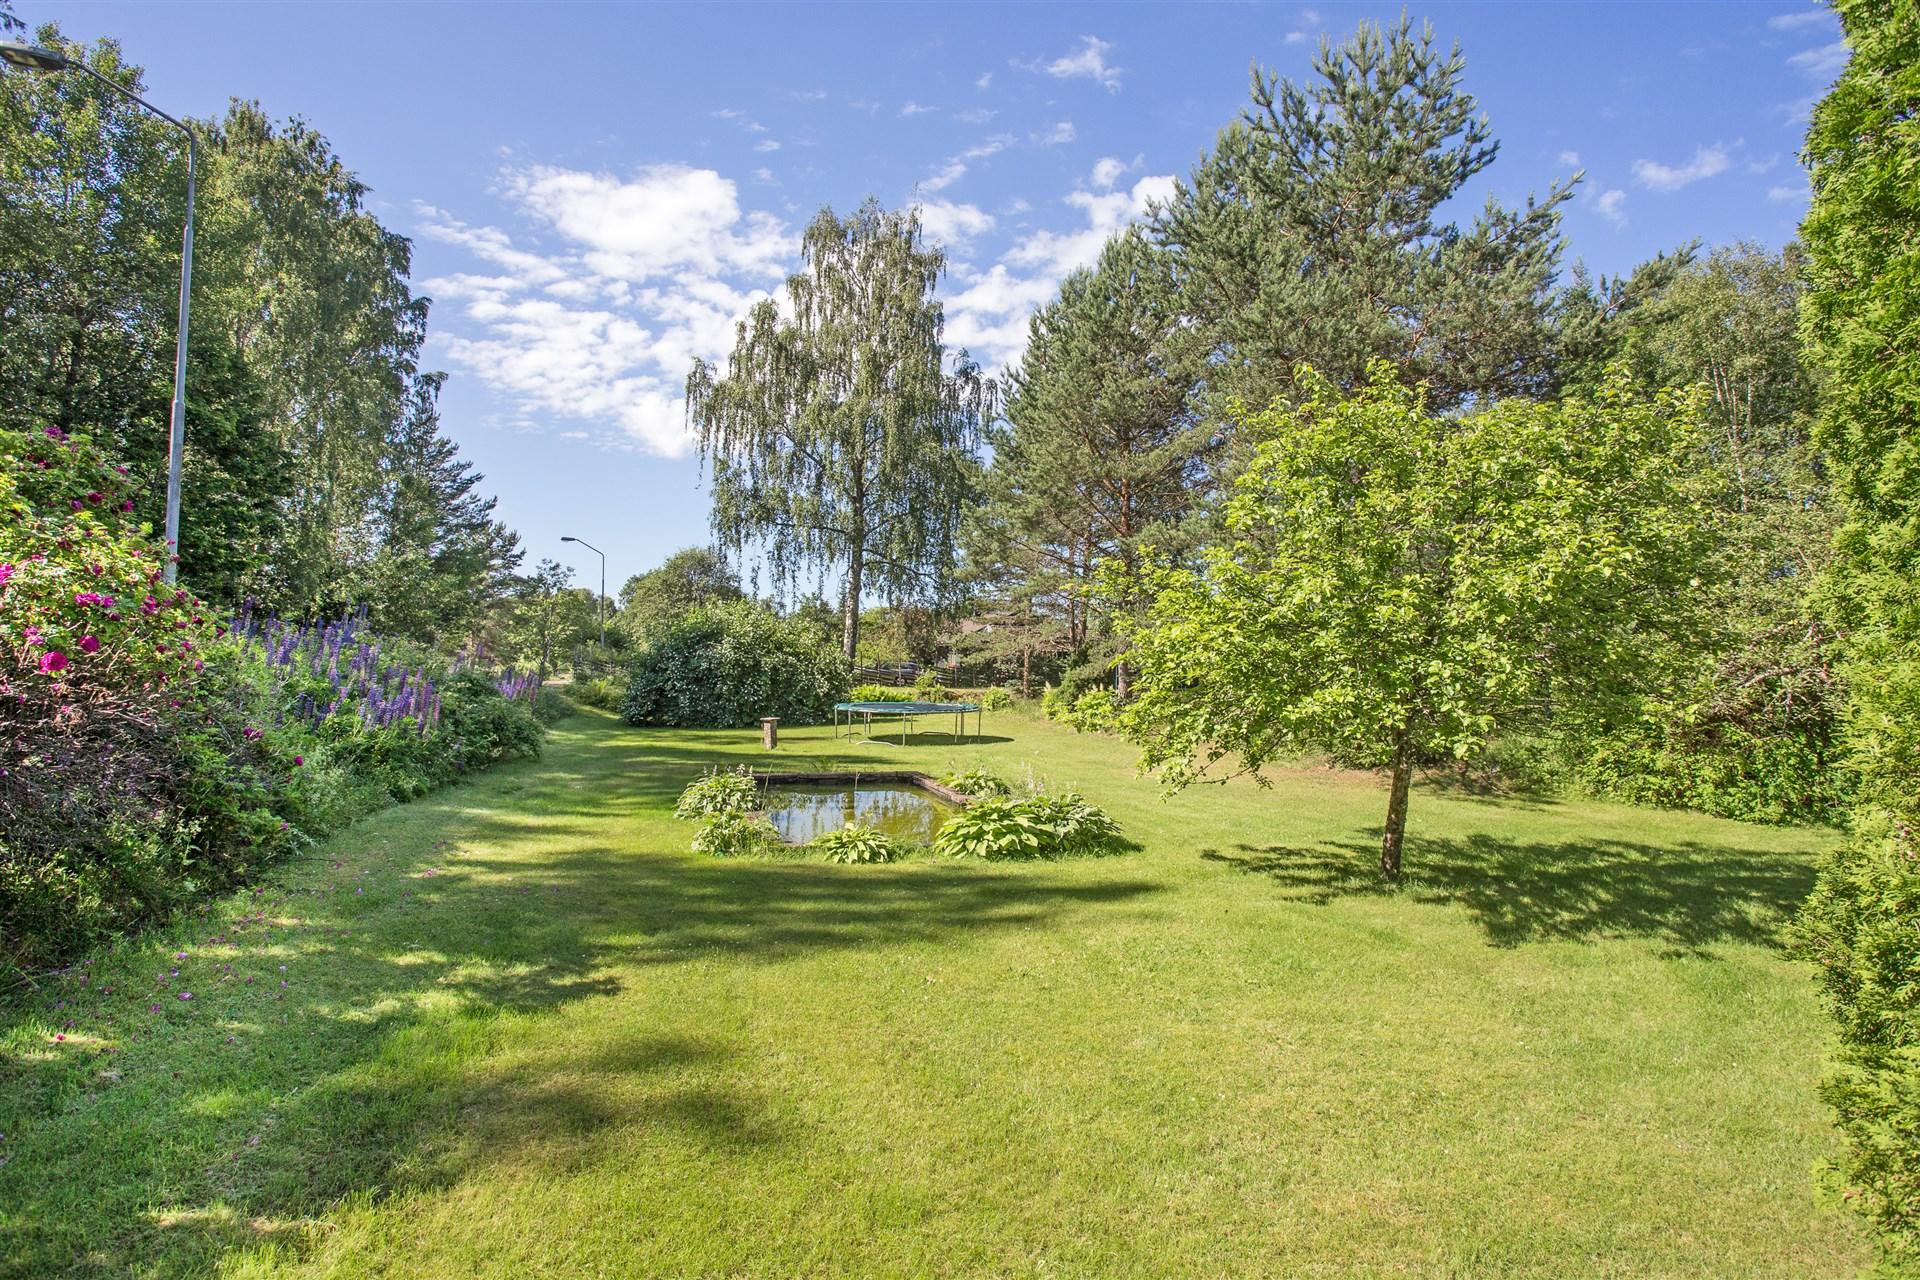 Lummig och fin trädgårdstomt med buskar, träd, blommor och en damm.